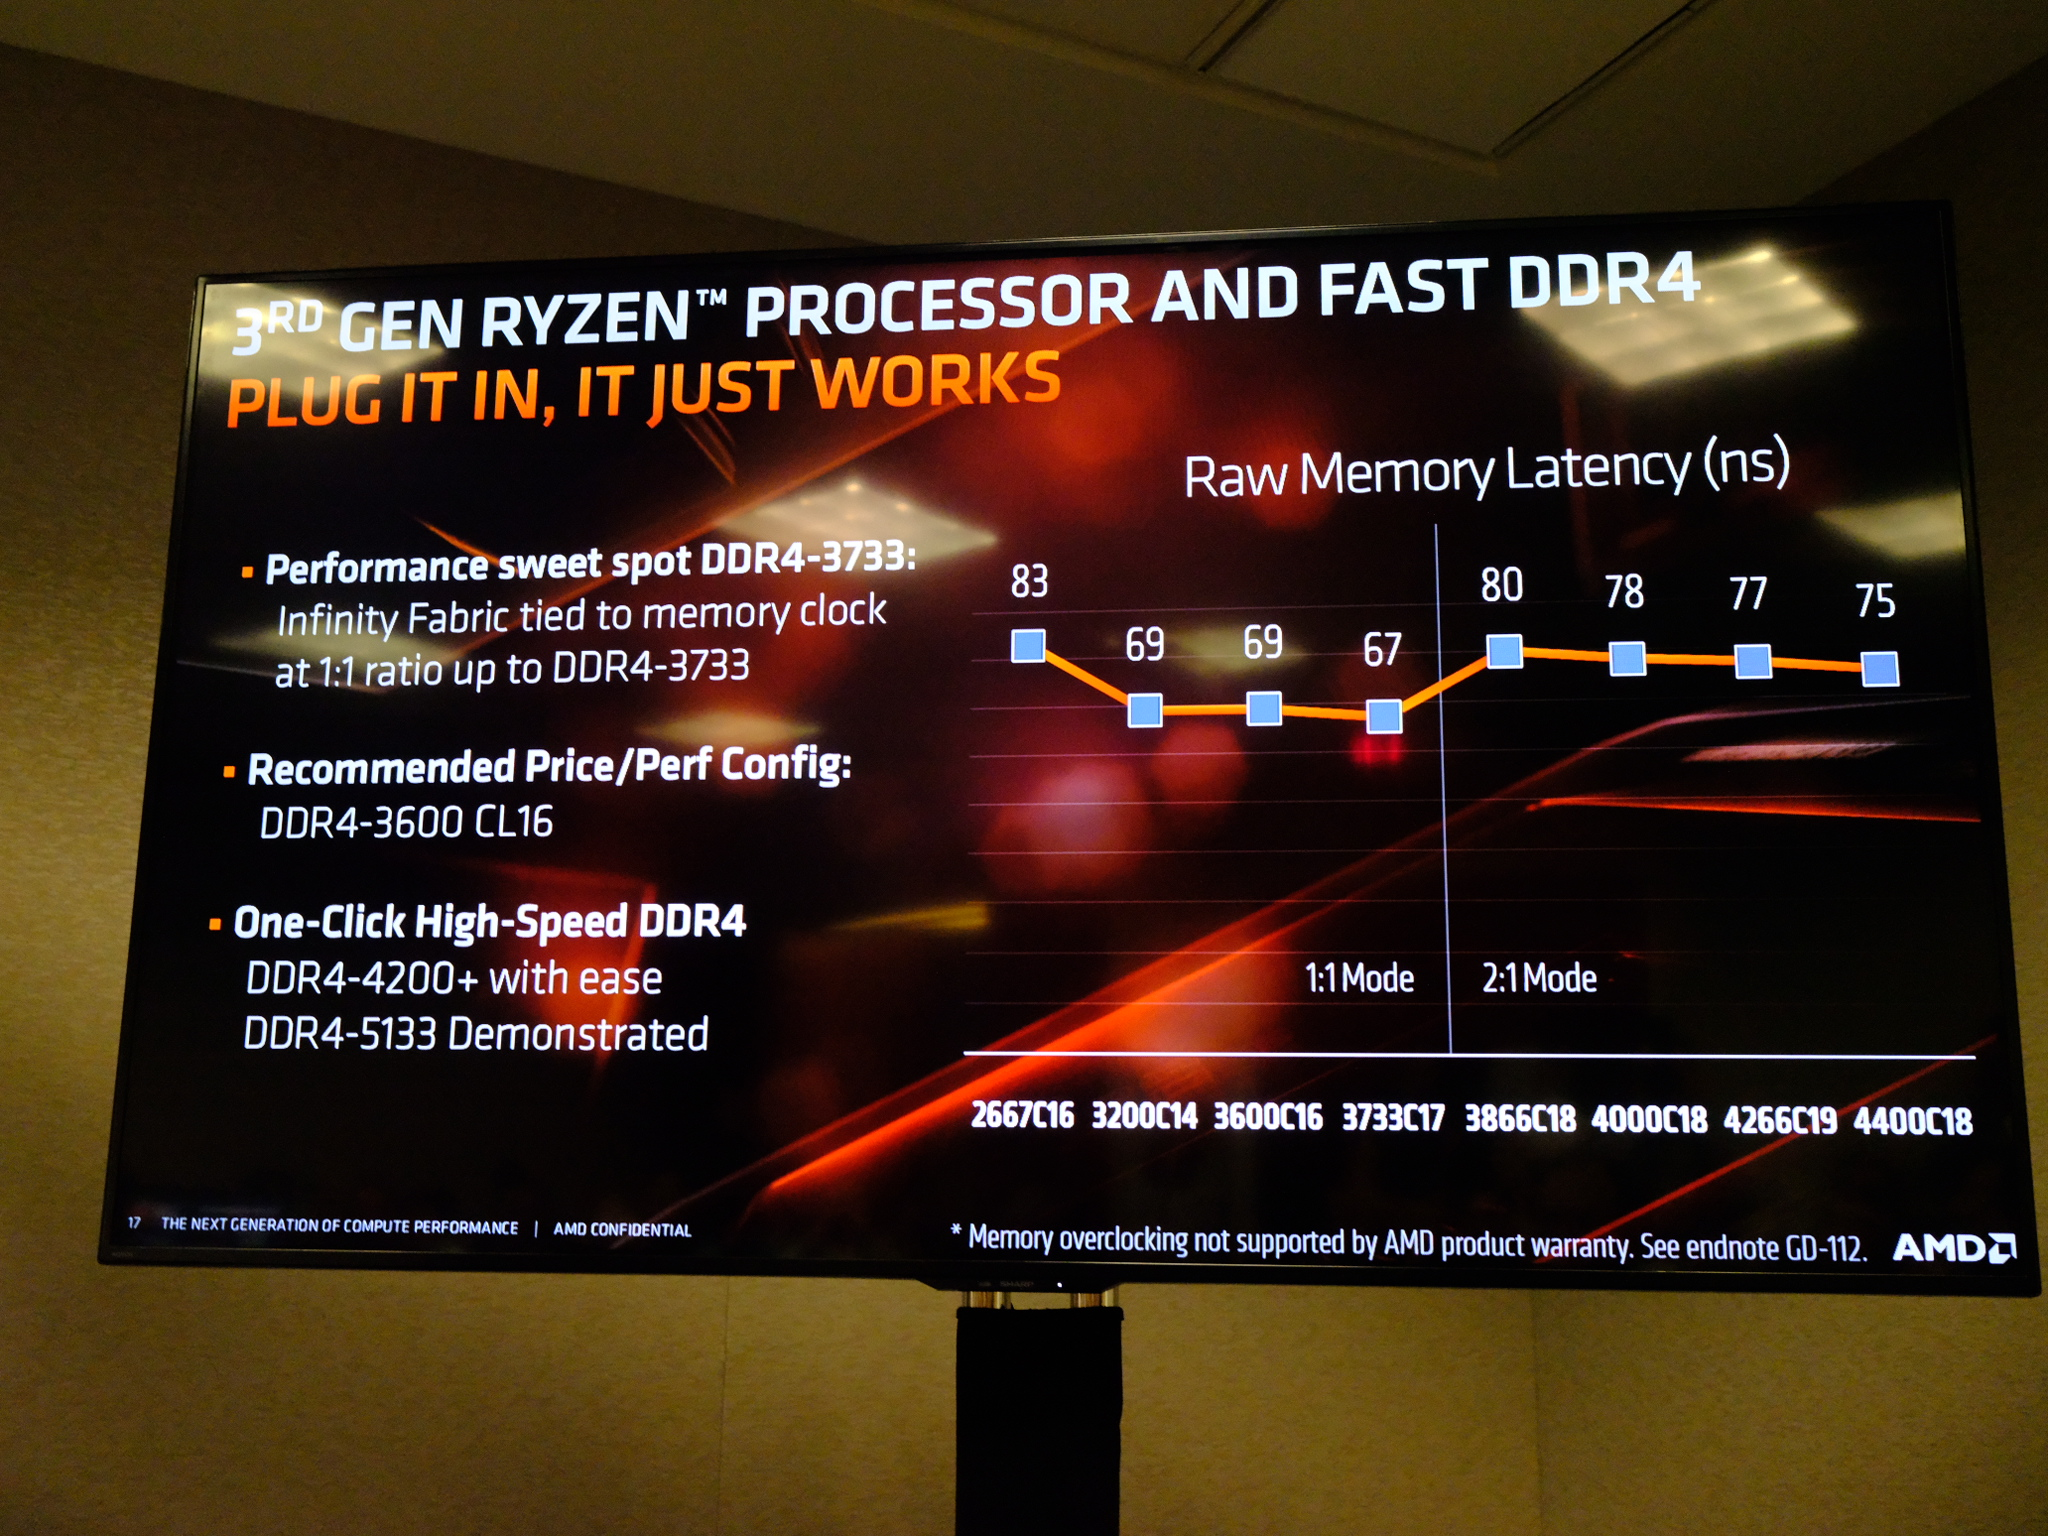 處理器- AMD X570 Platform DDR4 5166之實現及全系列Ryzen 3000